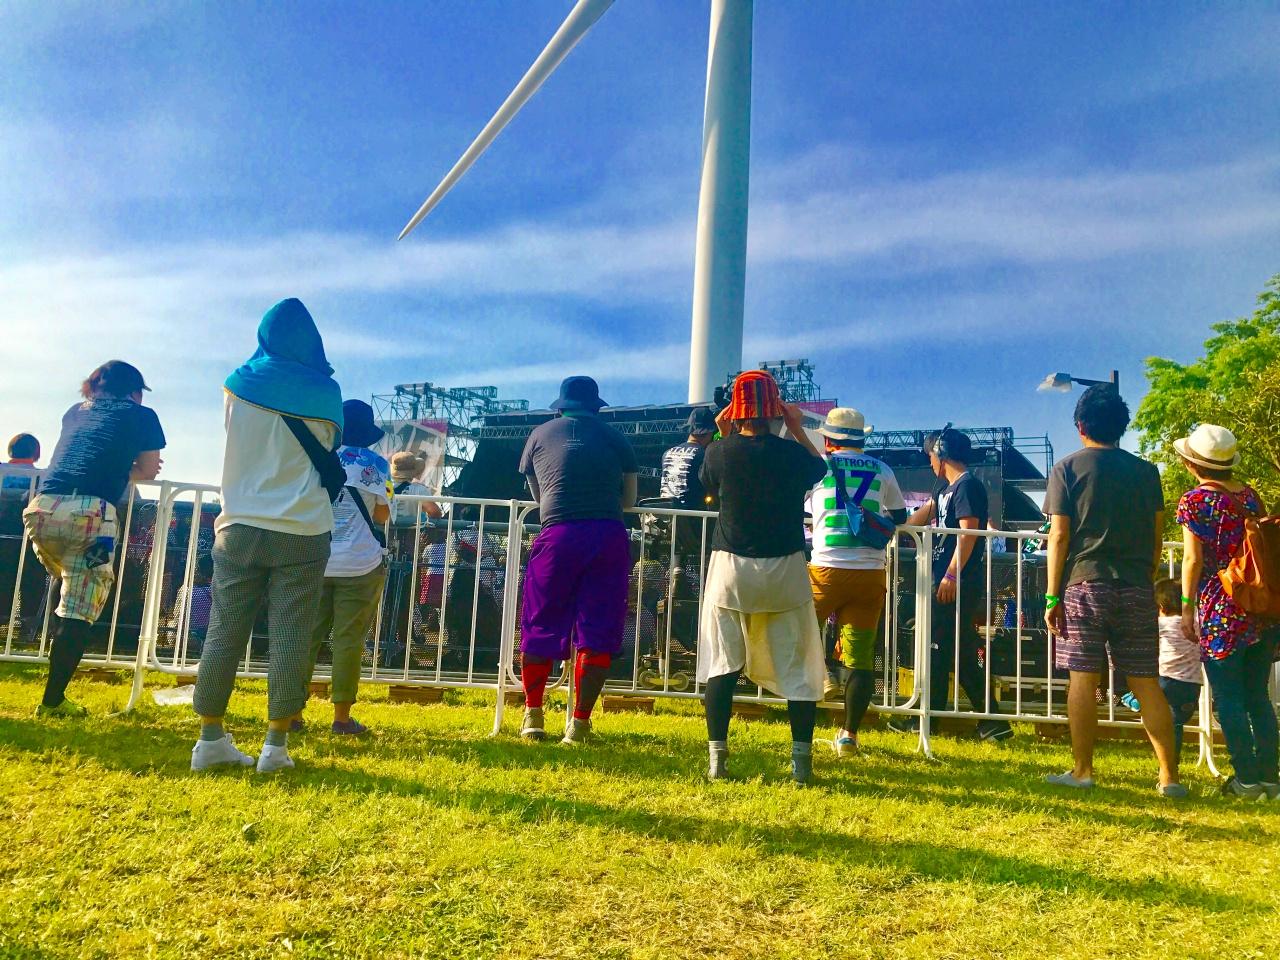 芝生と音楽フェス